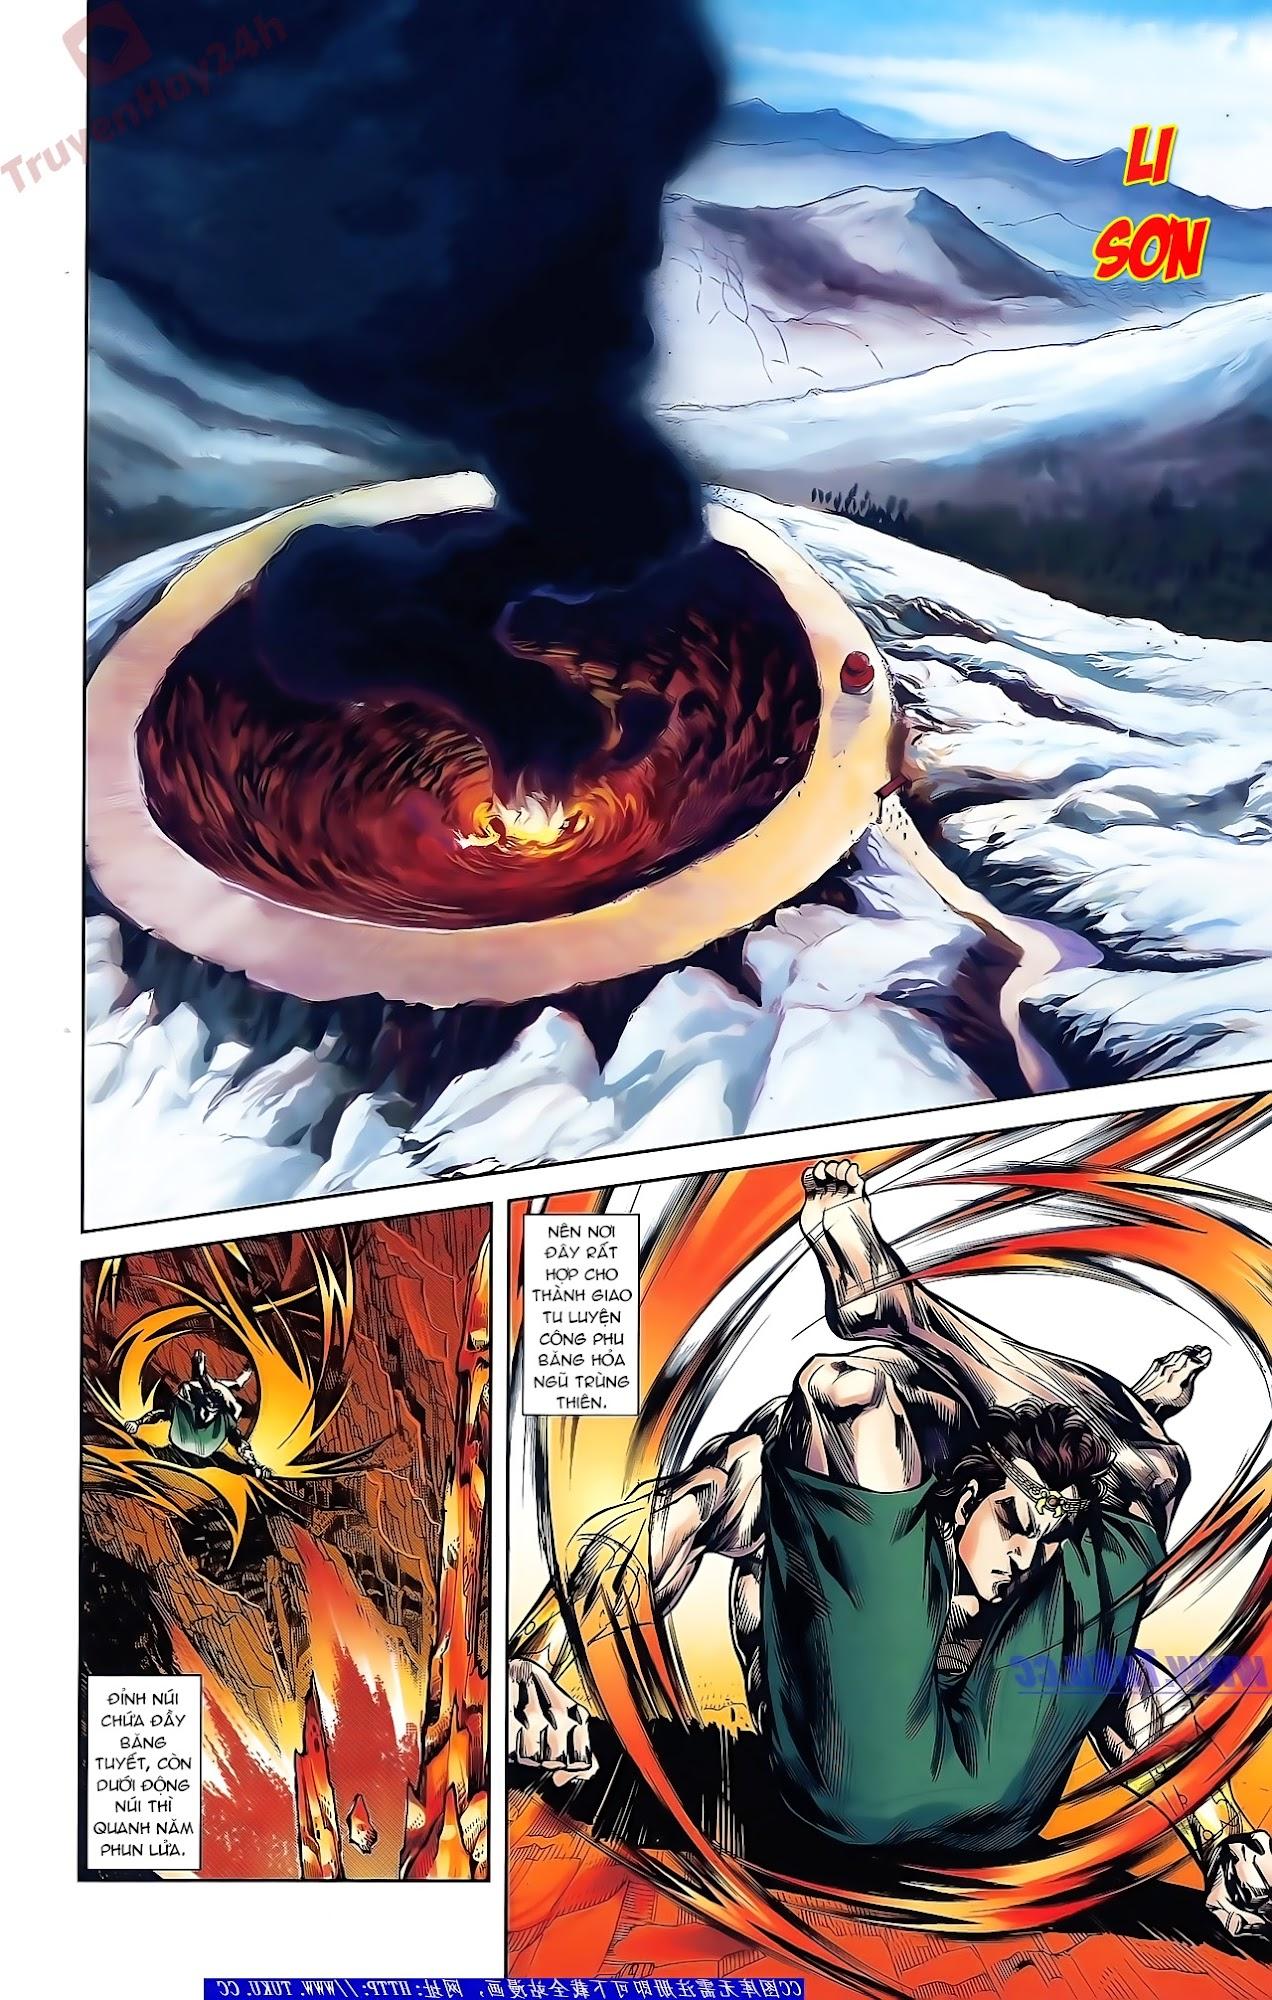 Tần Vương Doanh Chính chapter 44 trang 21